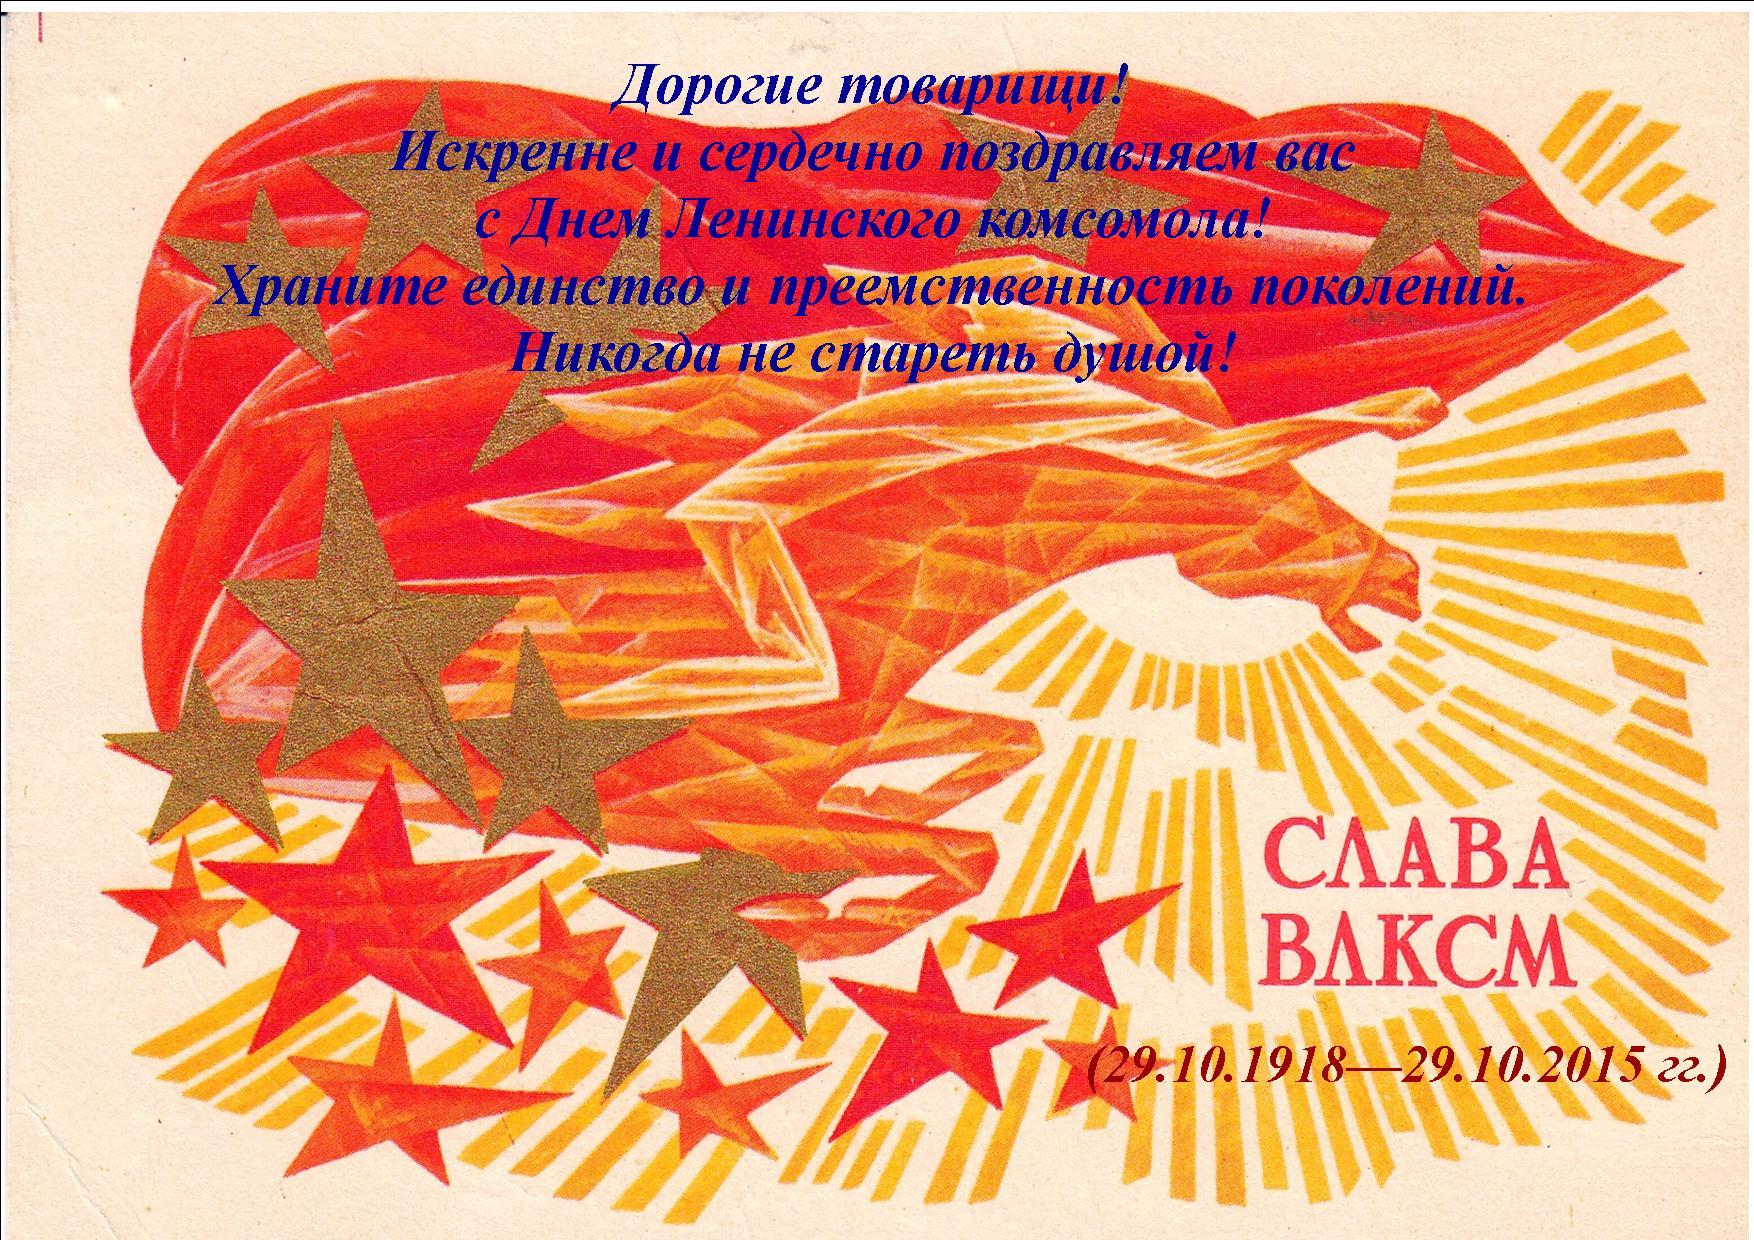 Открытки приколами, с дне комсомола открытки